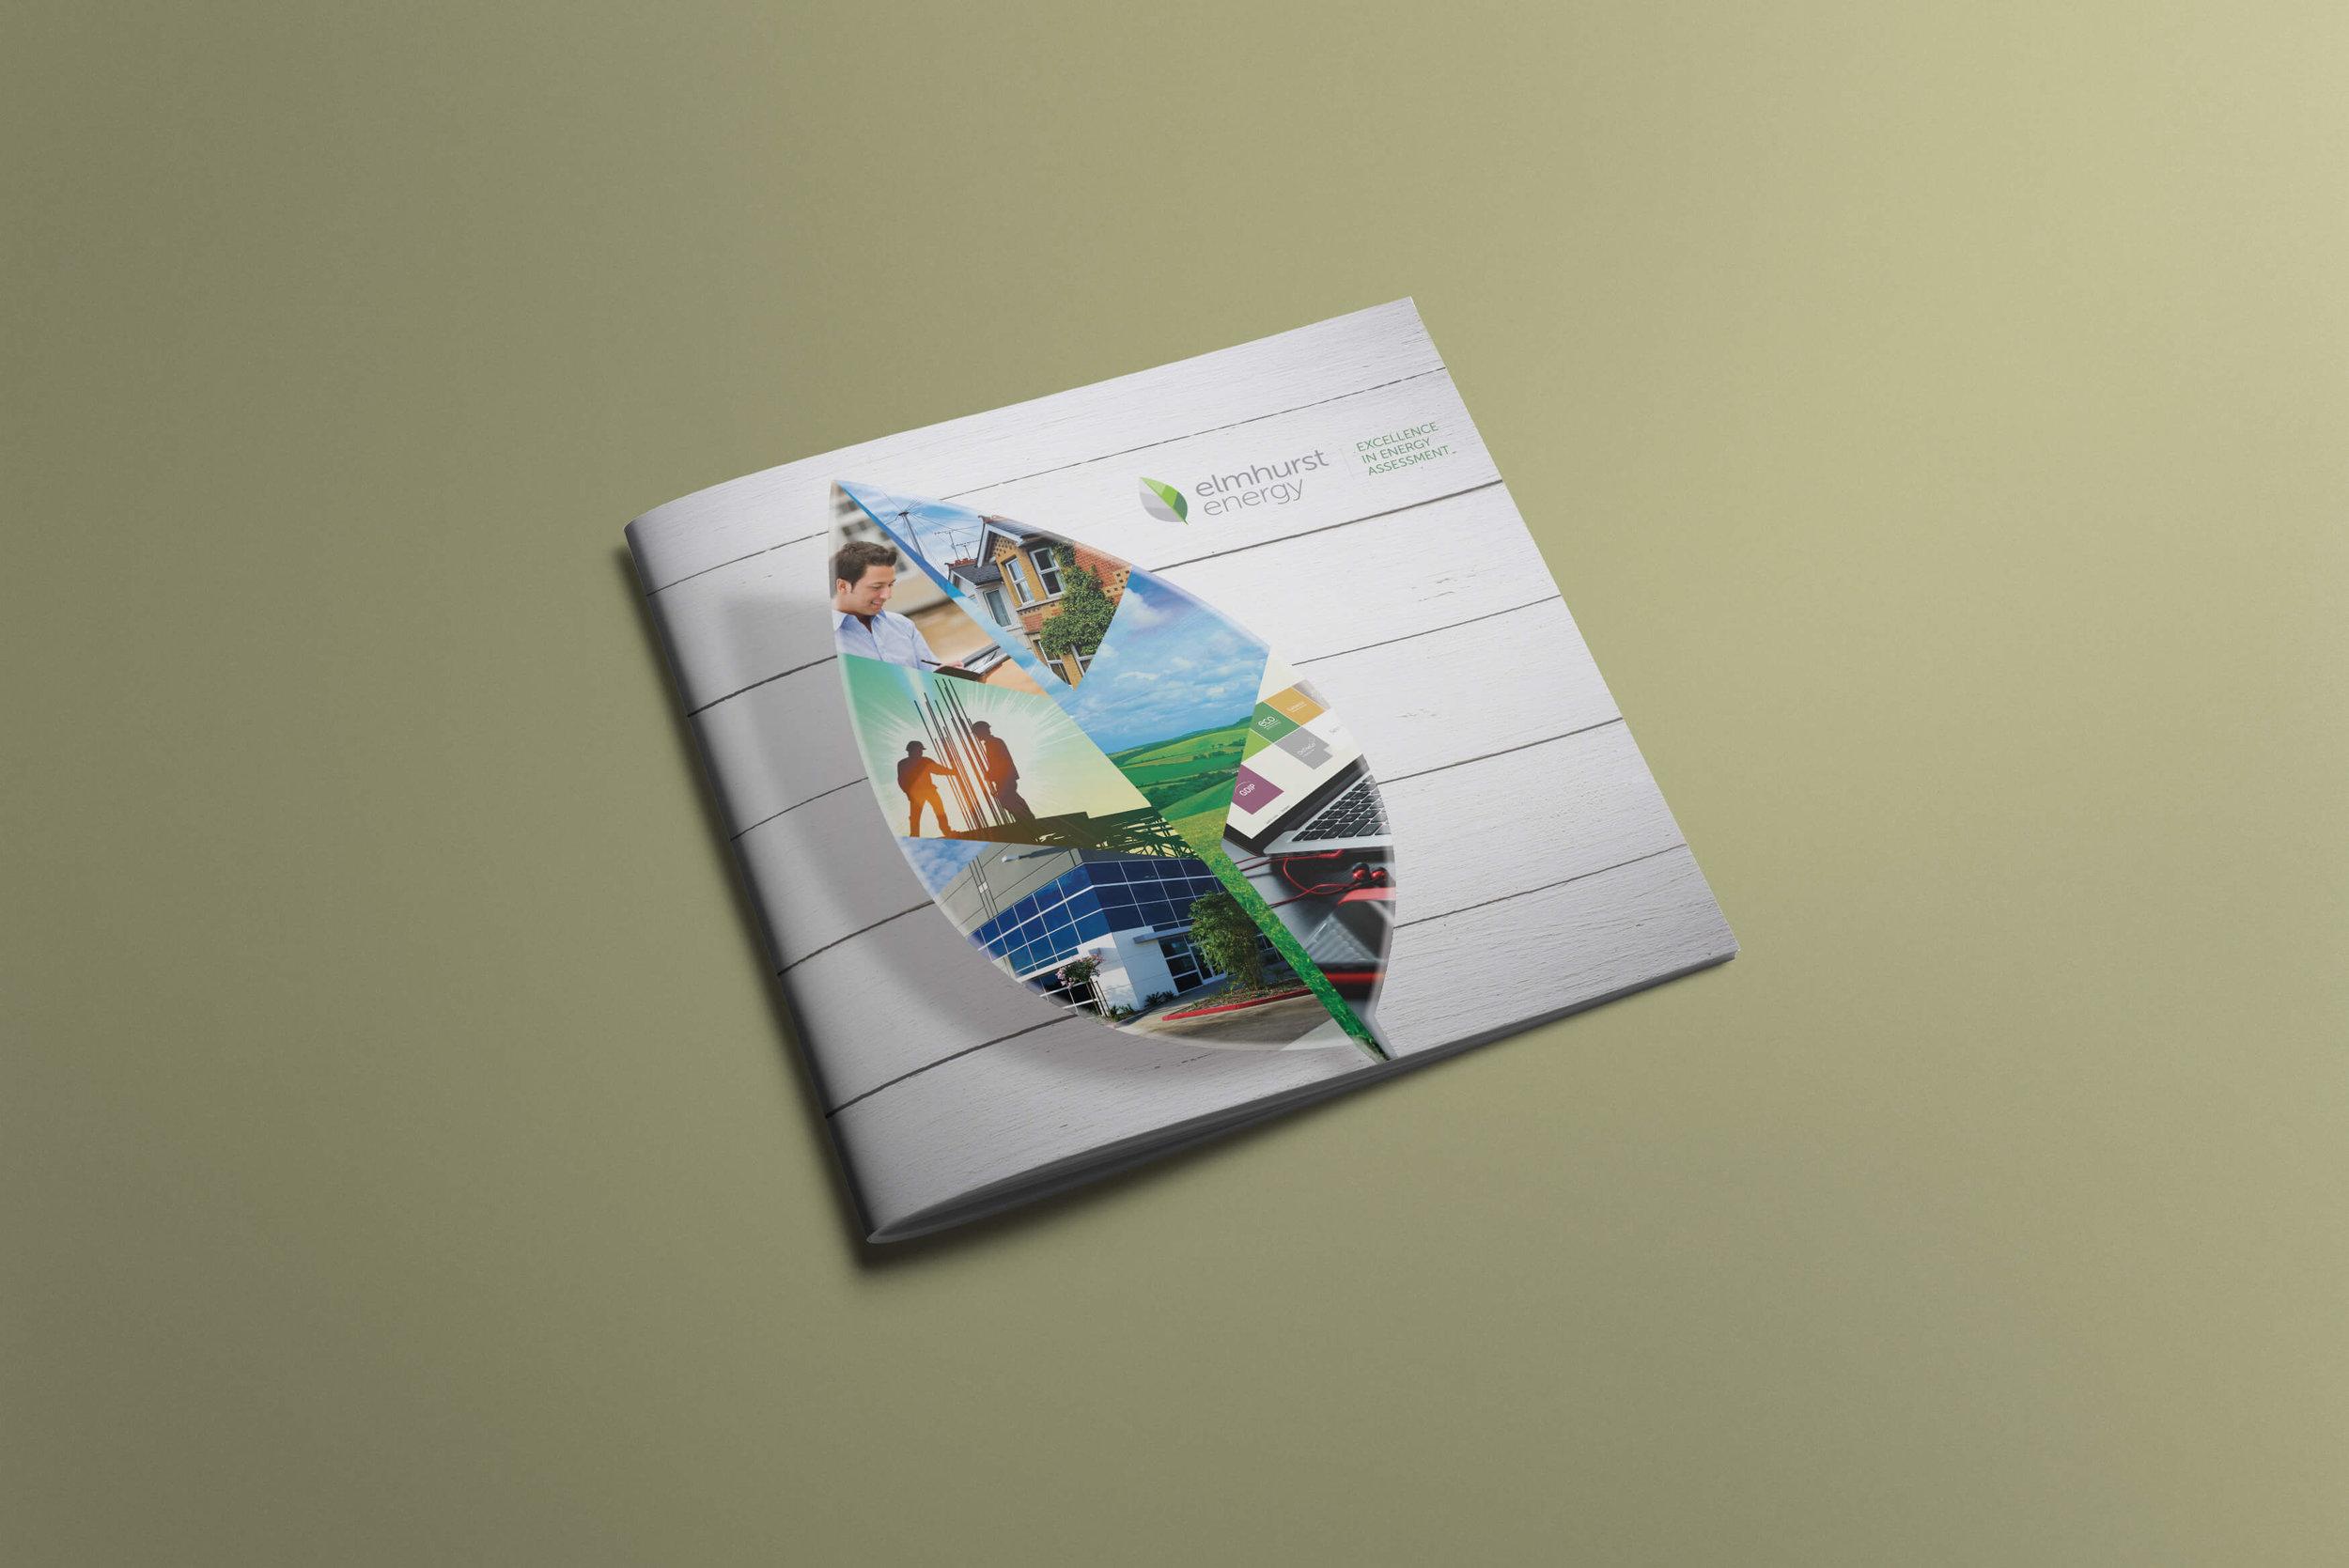 Elmhurst Energy Brochure Cover.jpg